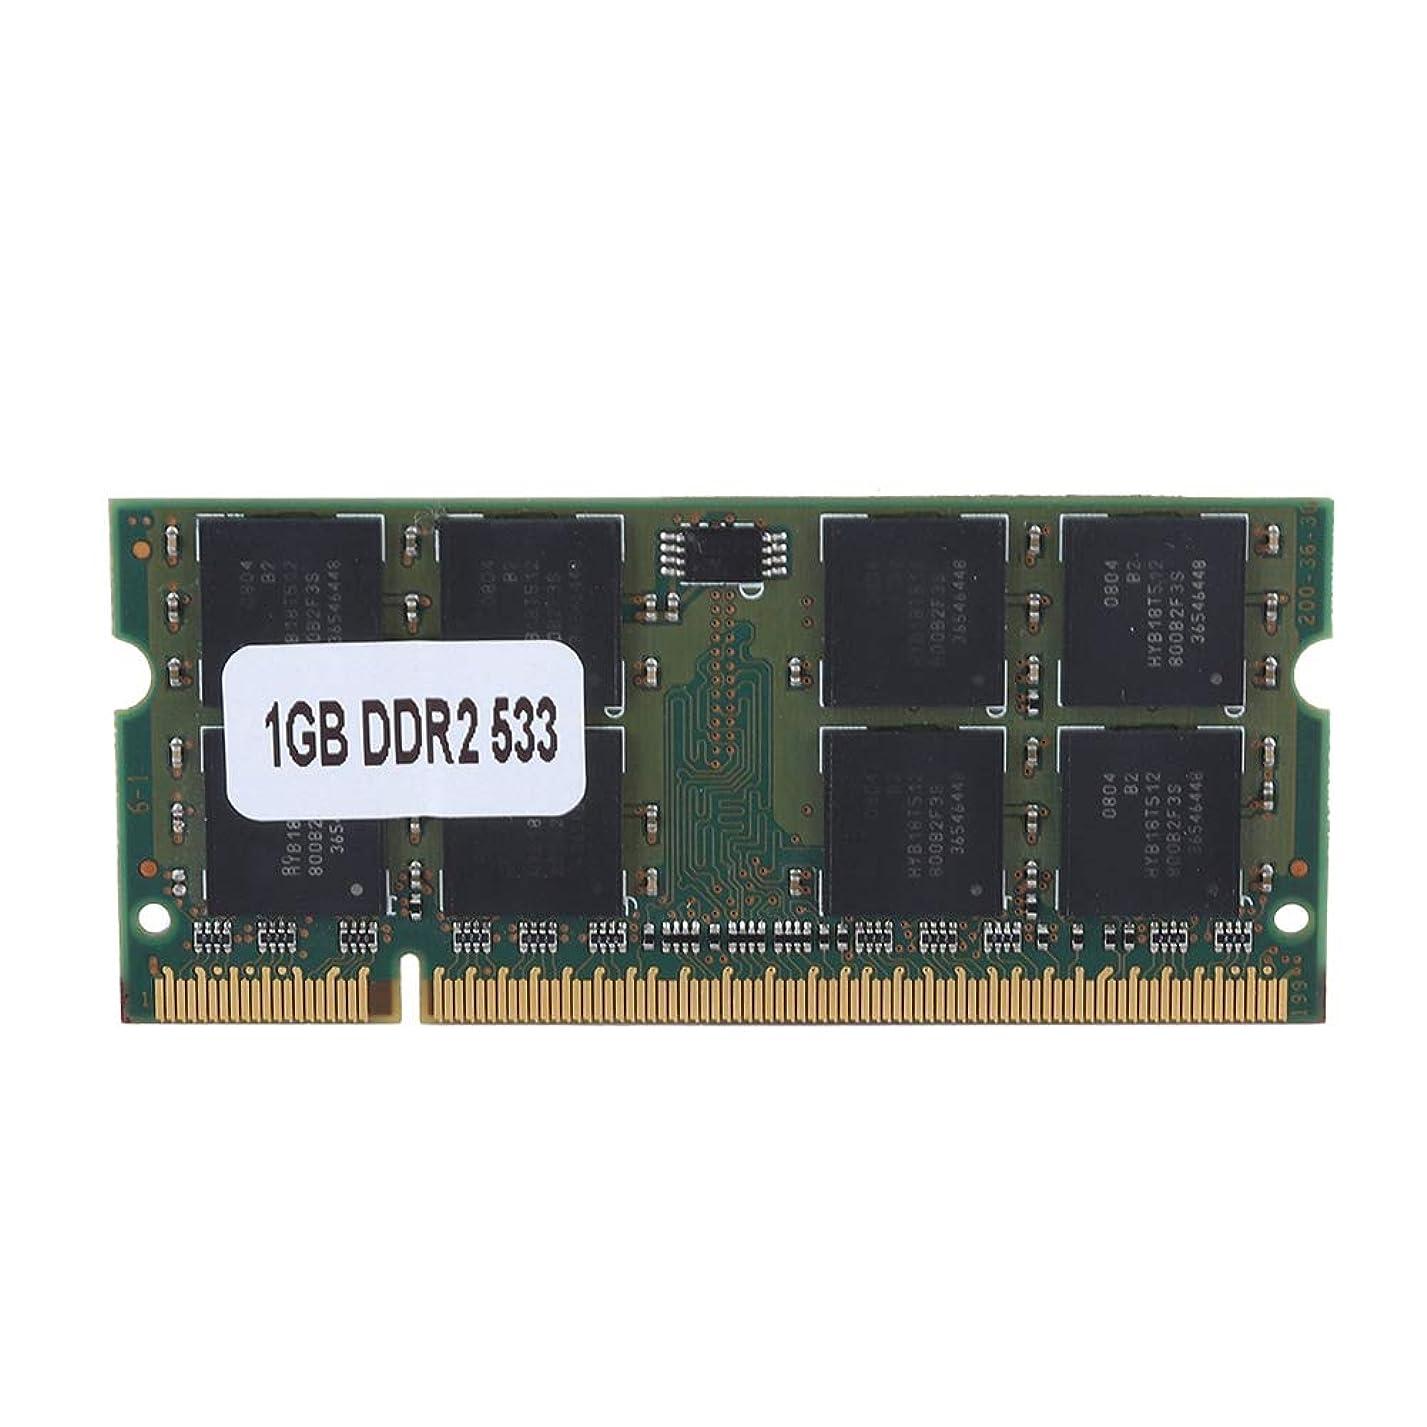 白雪姫モンクエミュレーションDDR2メモリ1GB RAM、1GB DDR2 533MHz 200Pinラップトップマザーボード専用メモリRAM完全互換、RAM